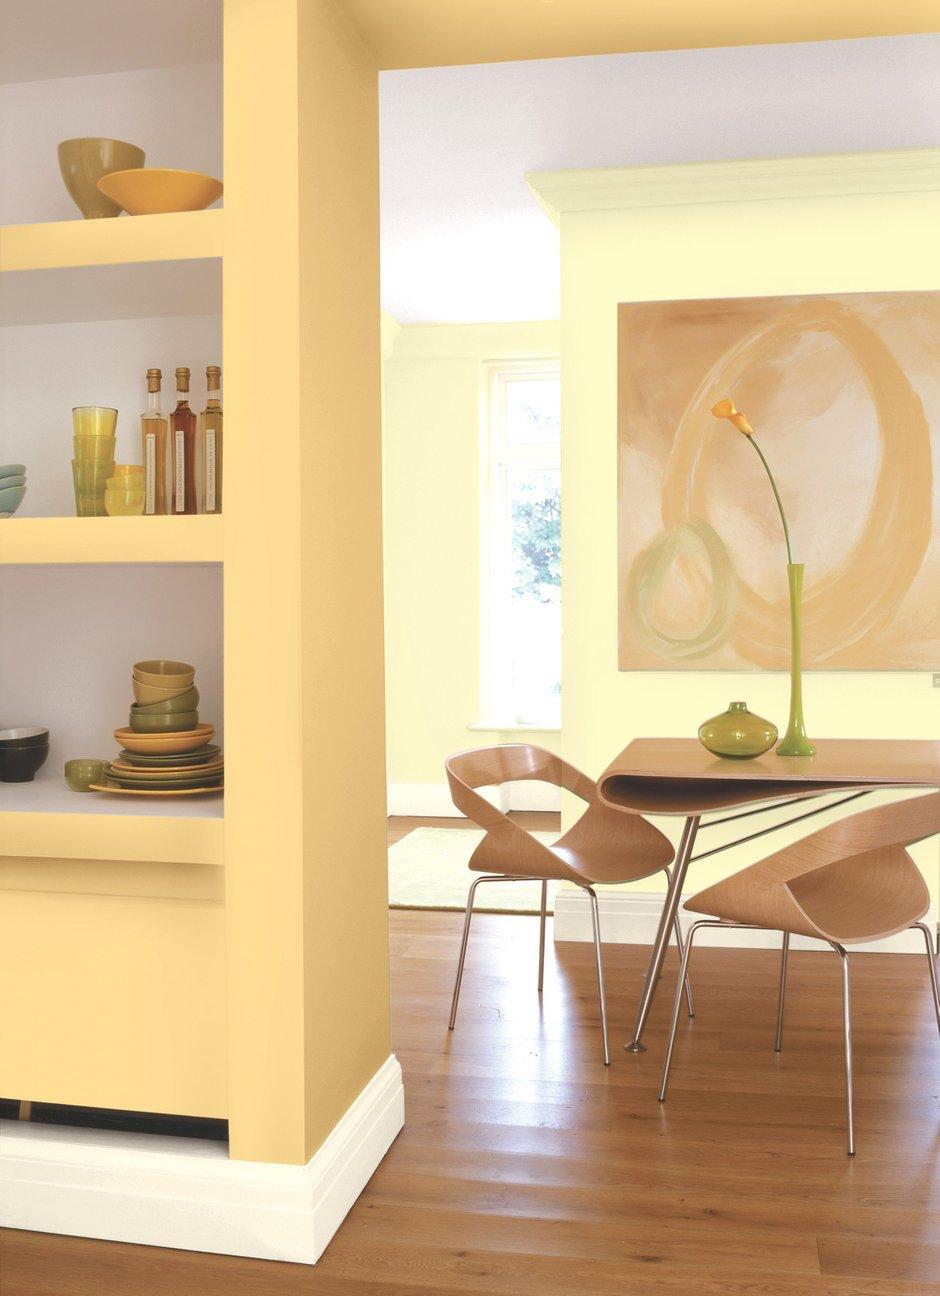 Фотография: Кухня и столовая в стиле Современный, Декор интерьера, Дизайн интерьера, Цвет в интерьере, Советы, Dulux, Оранжевый – фото на INMYROOM